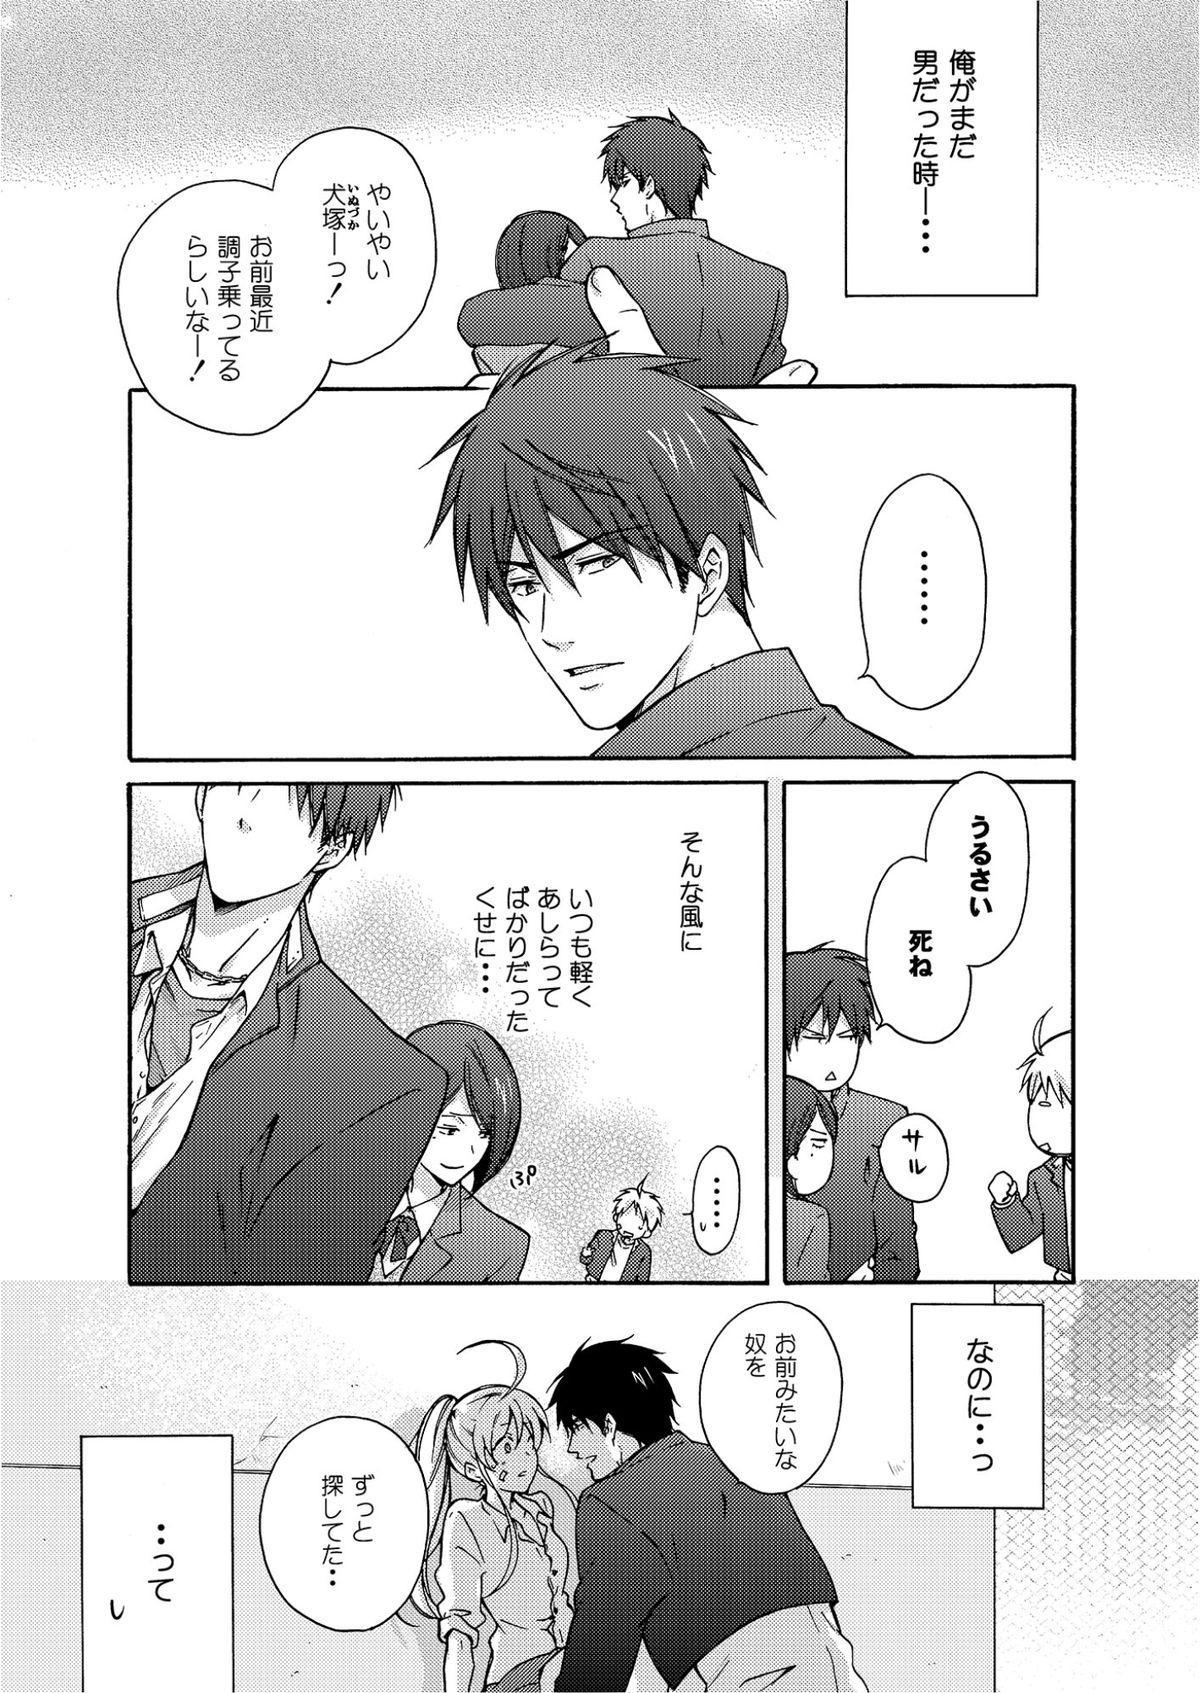 Nyotaika Yankee Gakuen ☆ Ore no Hajimete, Nerawaretemasu. 4 1